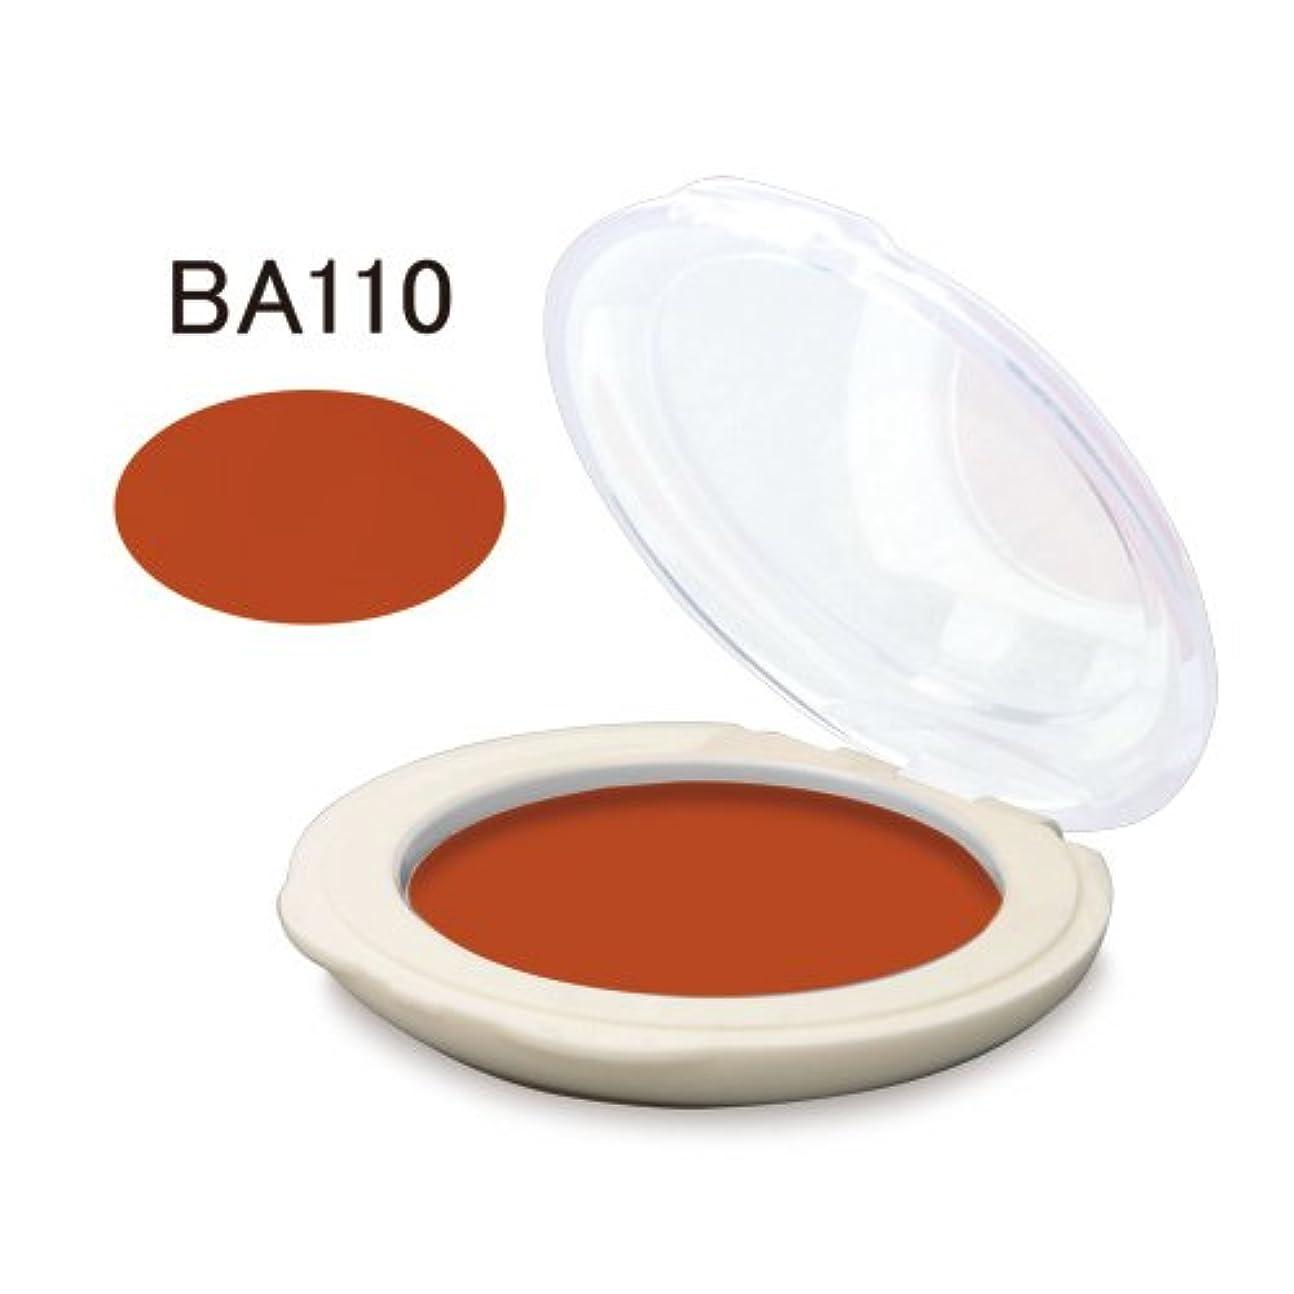 あえぎ掃除アセンブリ舞台屋リップ(パール系) (BA110)